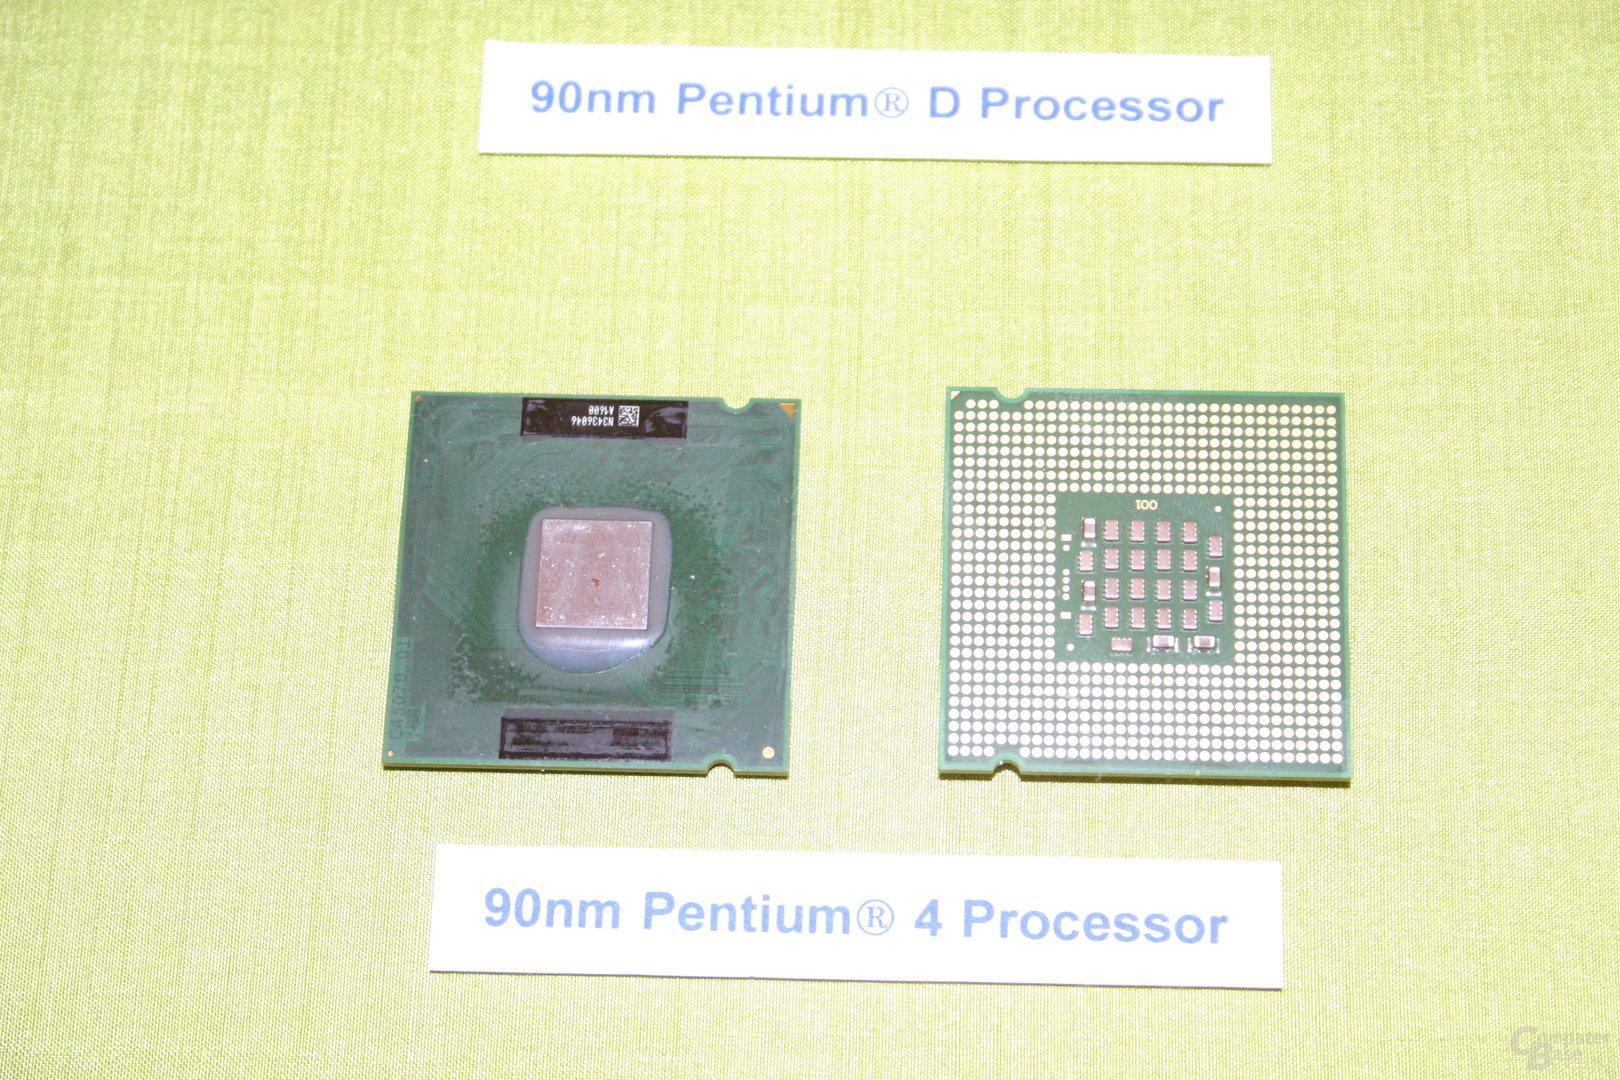 90 nm Intel Pentium 4 Prescott